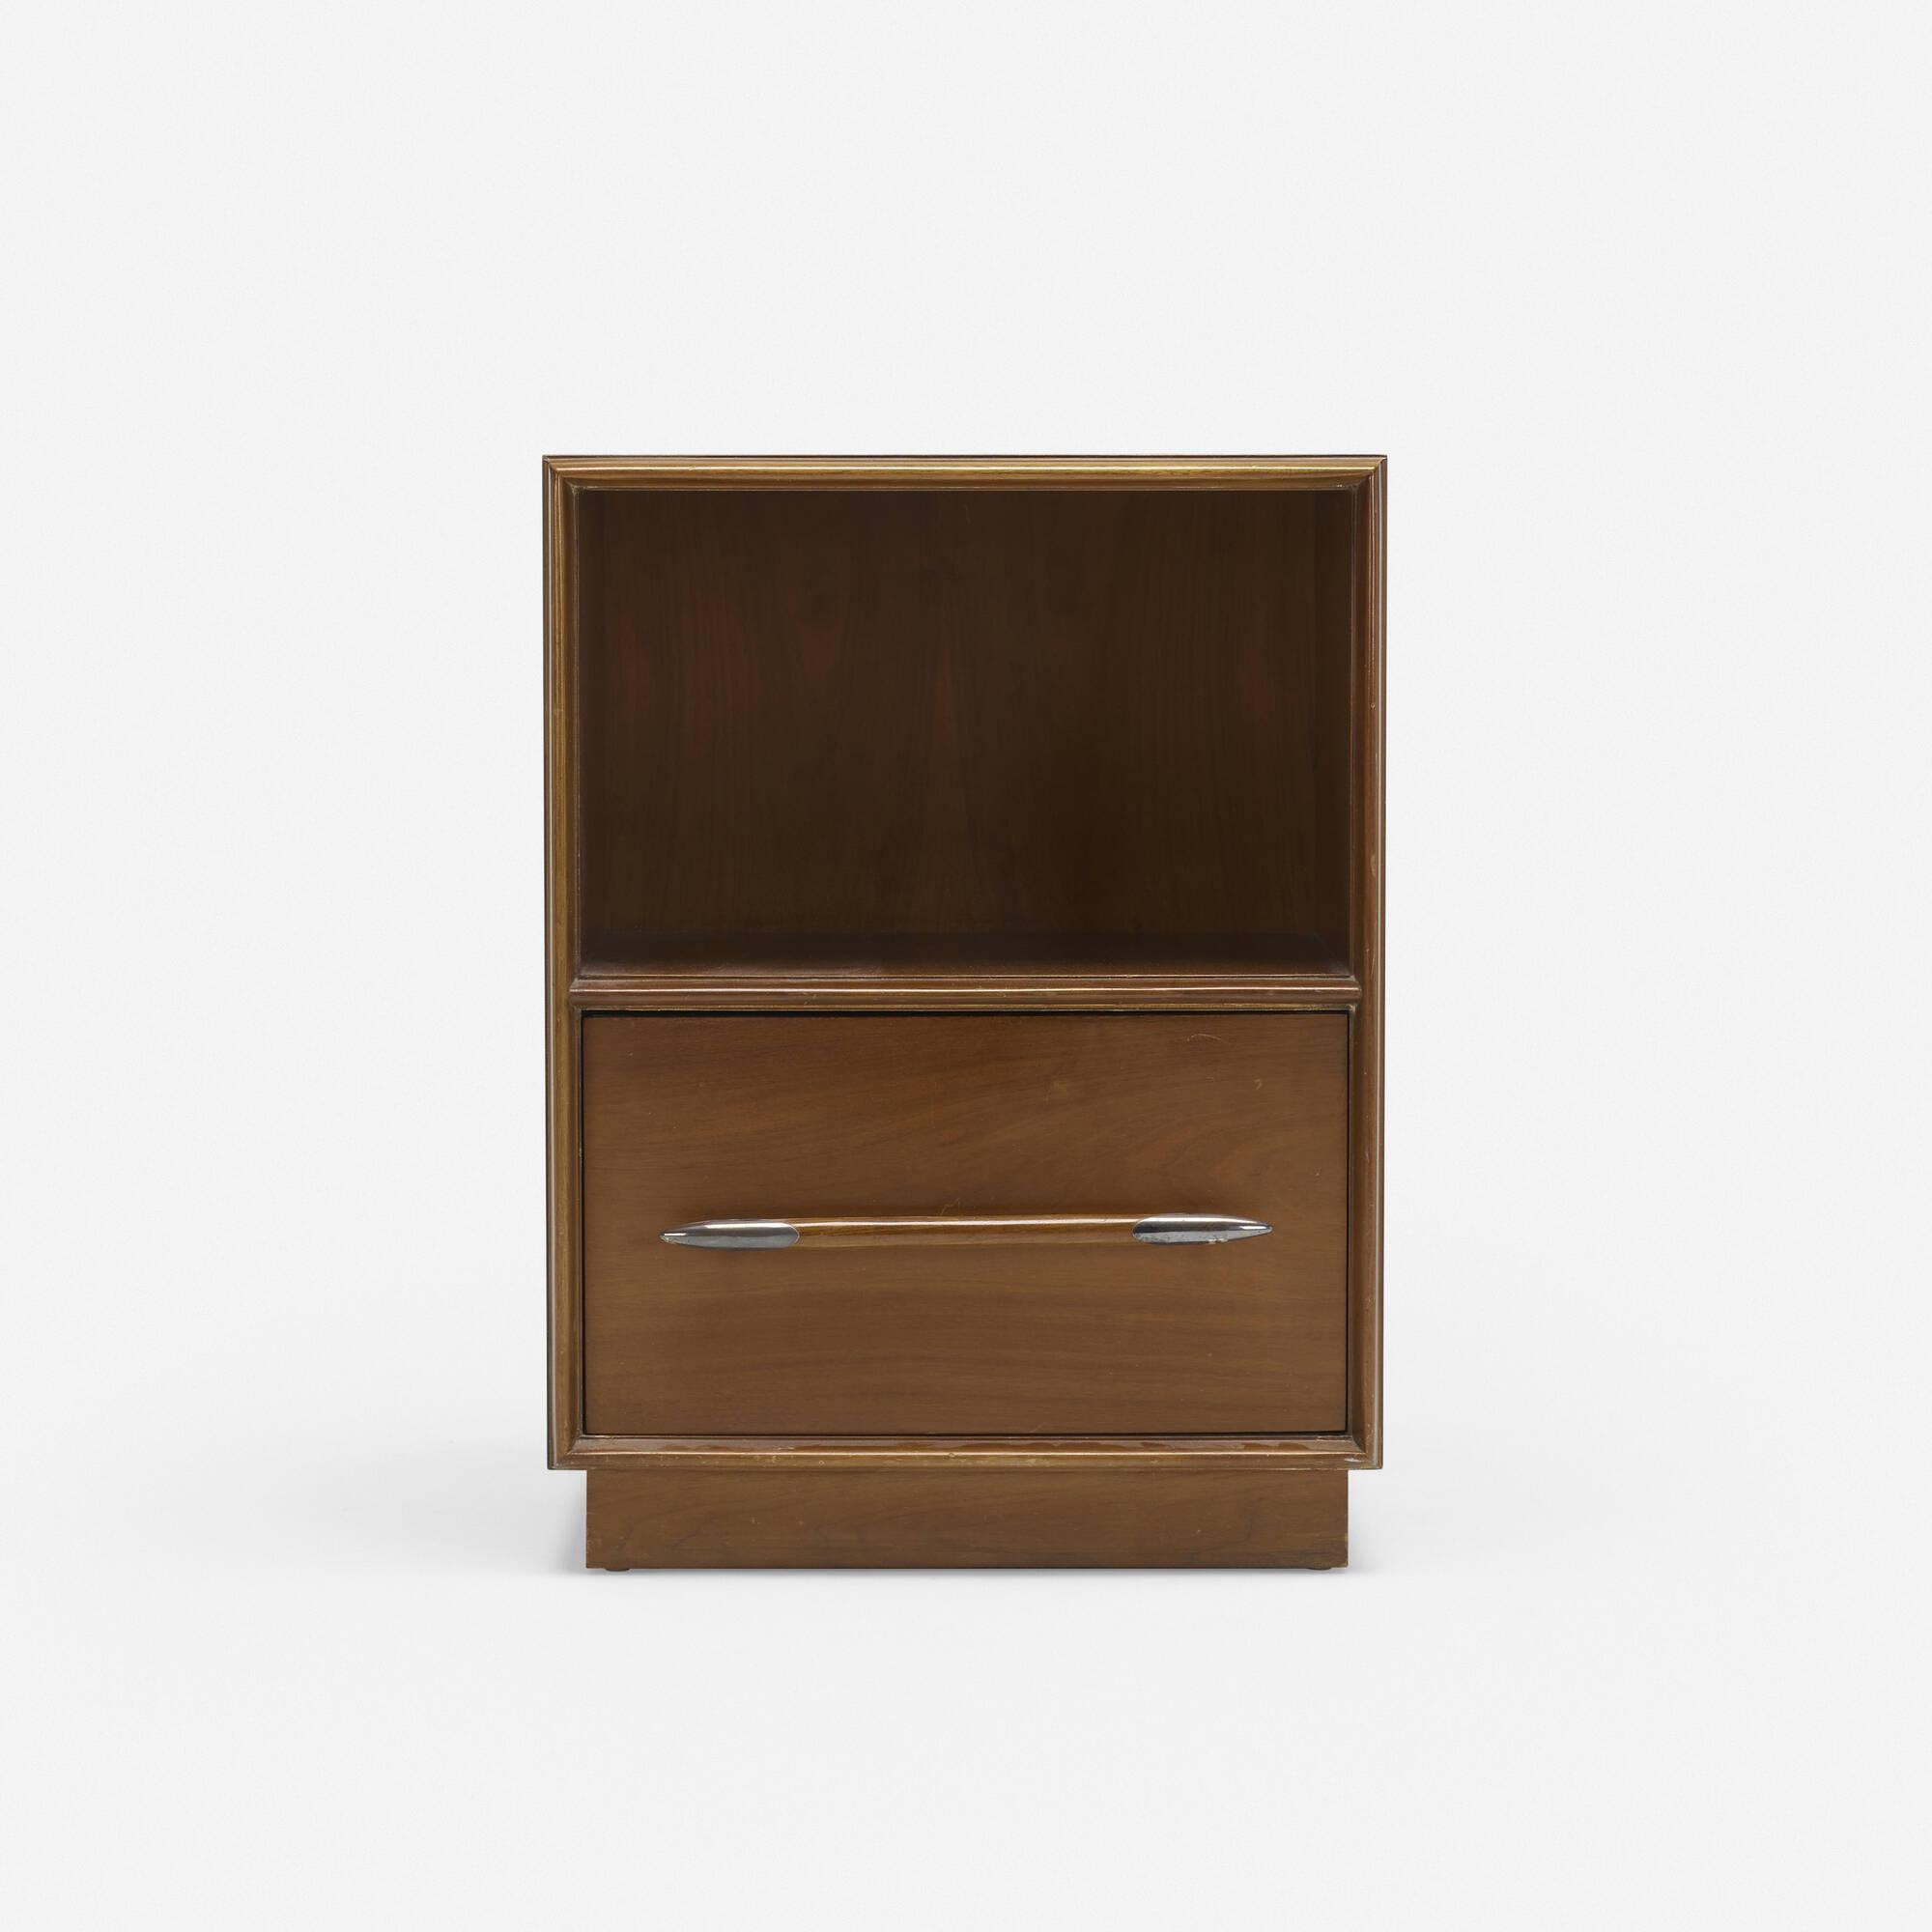 695: T.H. Robsjohn-Gibbings / nightstand (1 of 3)